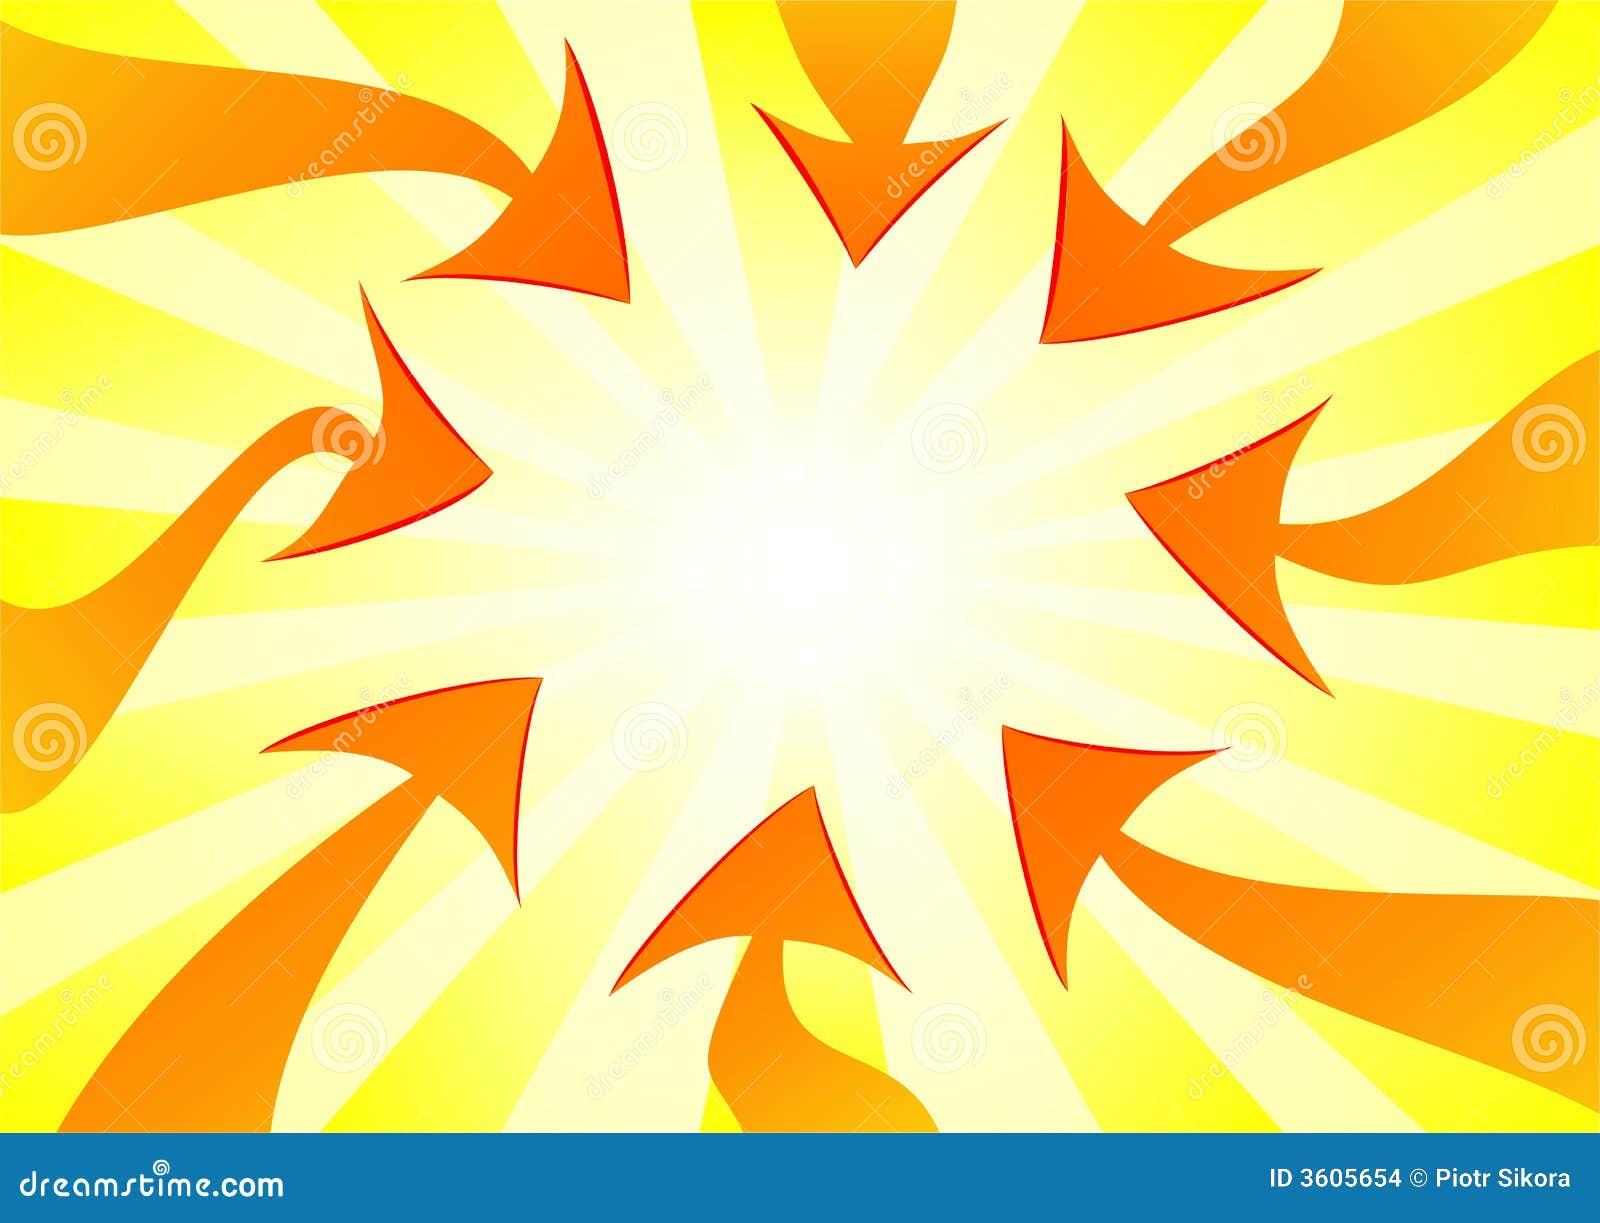 Flechas anaranjadas que señalan el centro